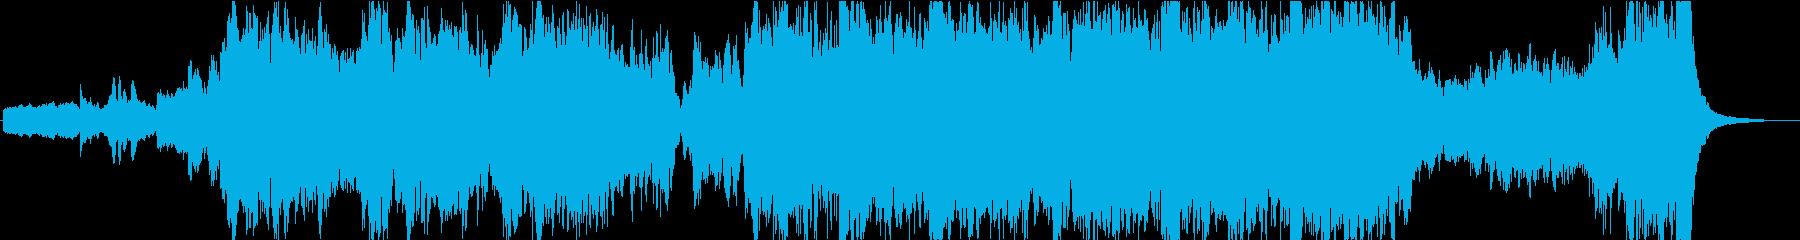 壮大なRPGのメインテーマ/オーケストラの再生済みの波形